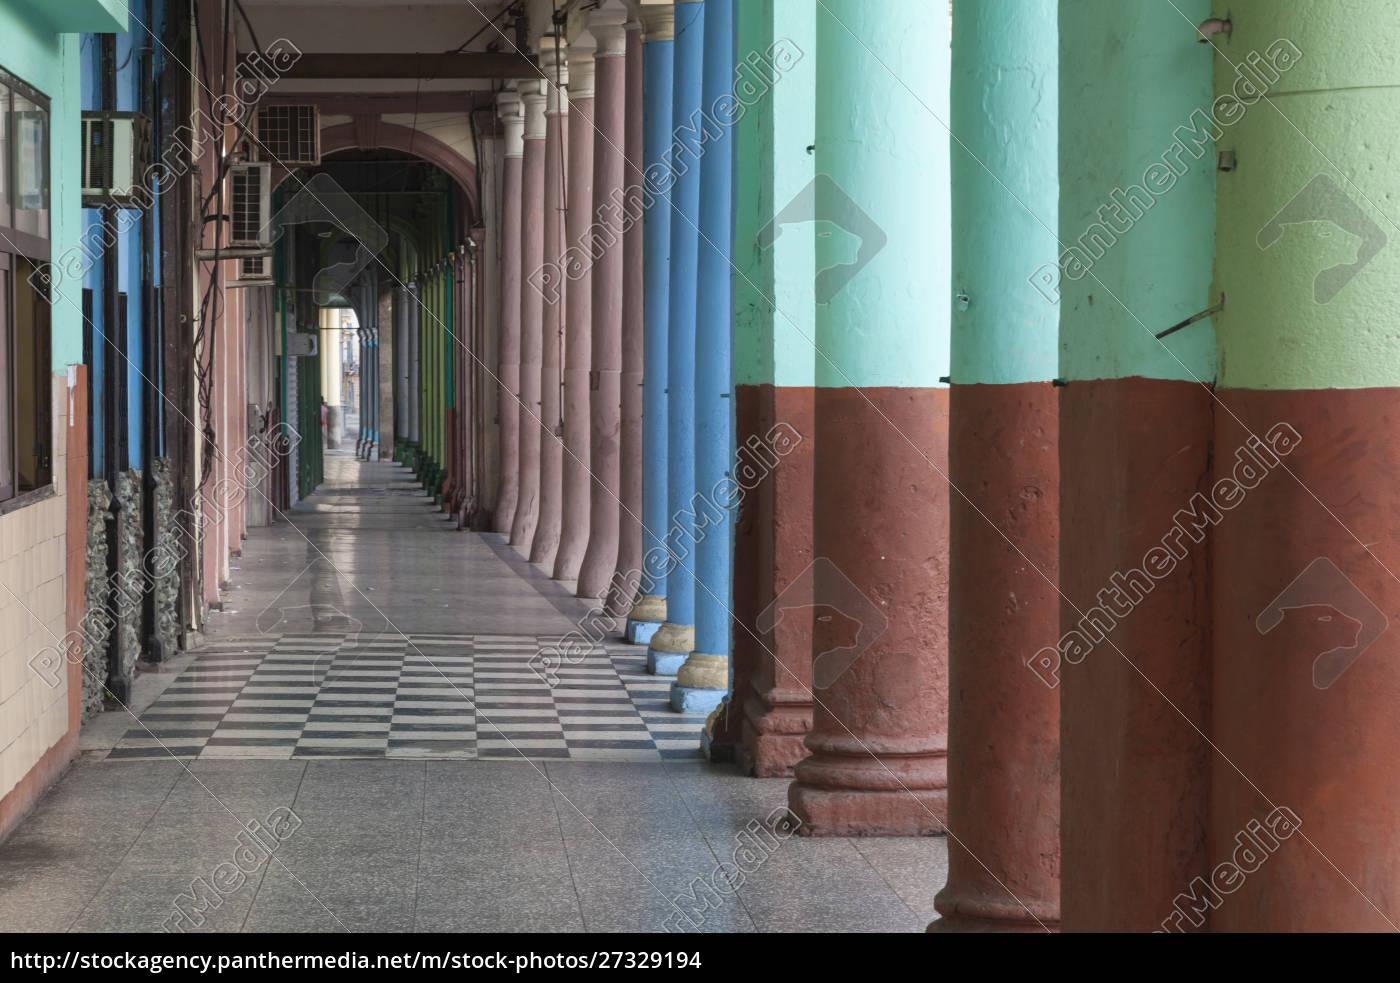 kuba, havanna., wiederholte, säulen, einer, arkade, entlang - 27329194